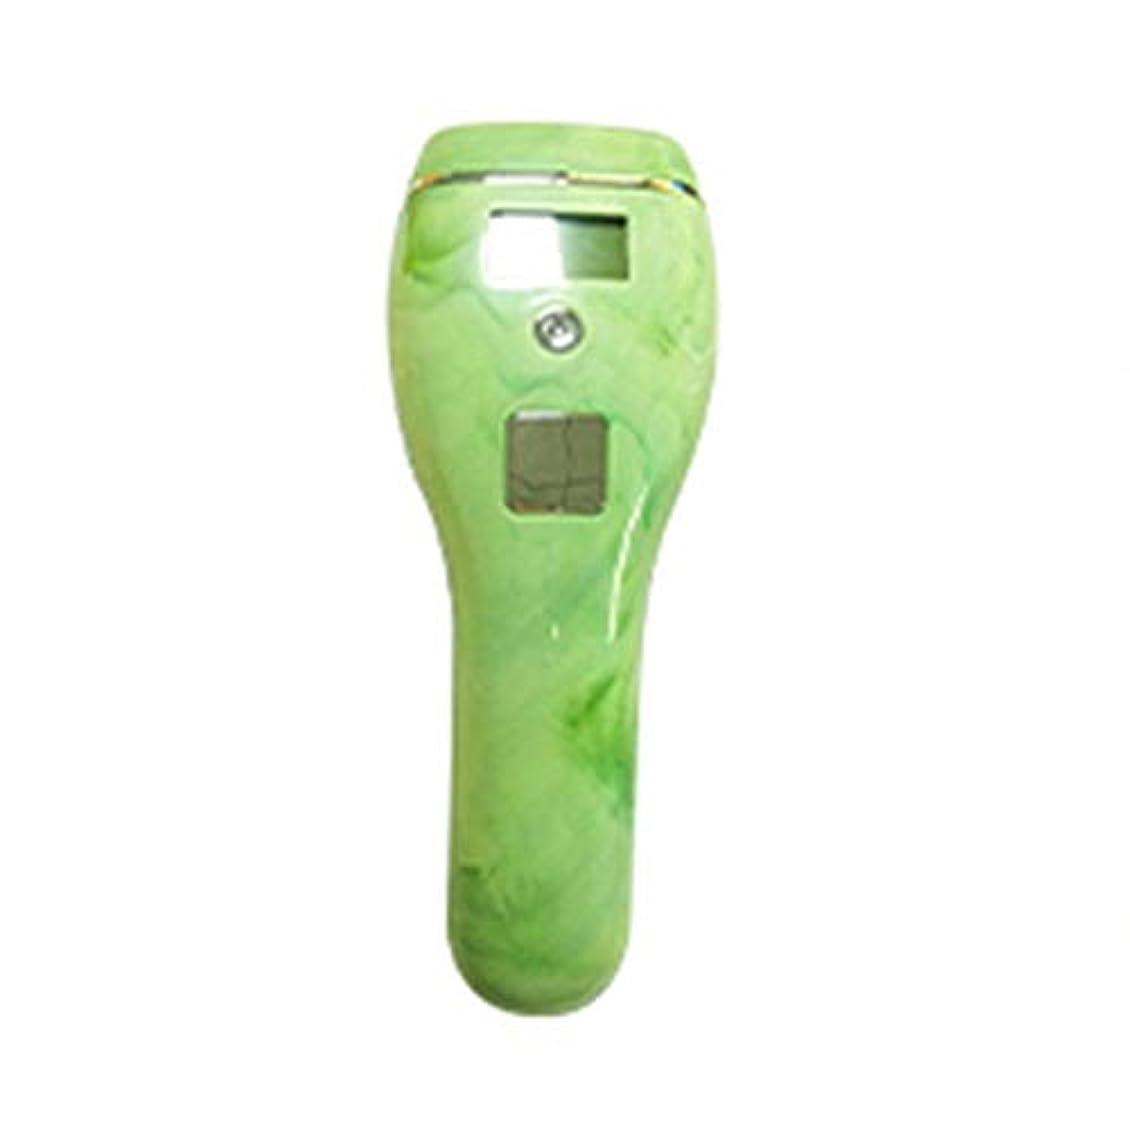 テロ翻訳する製品自動肌のカラーセンシング、グリーン、5速調整、クォーツチューブ、携帯用痛みのない全身凍結乾燥用除湿器、サイズ19x7x5cm 安全性 (Color : Green)